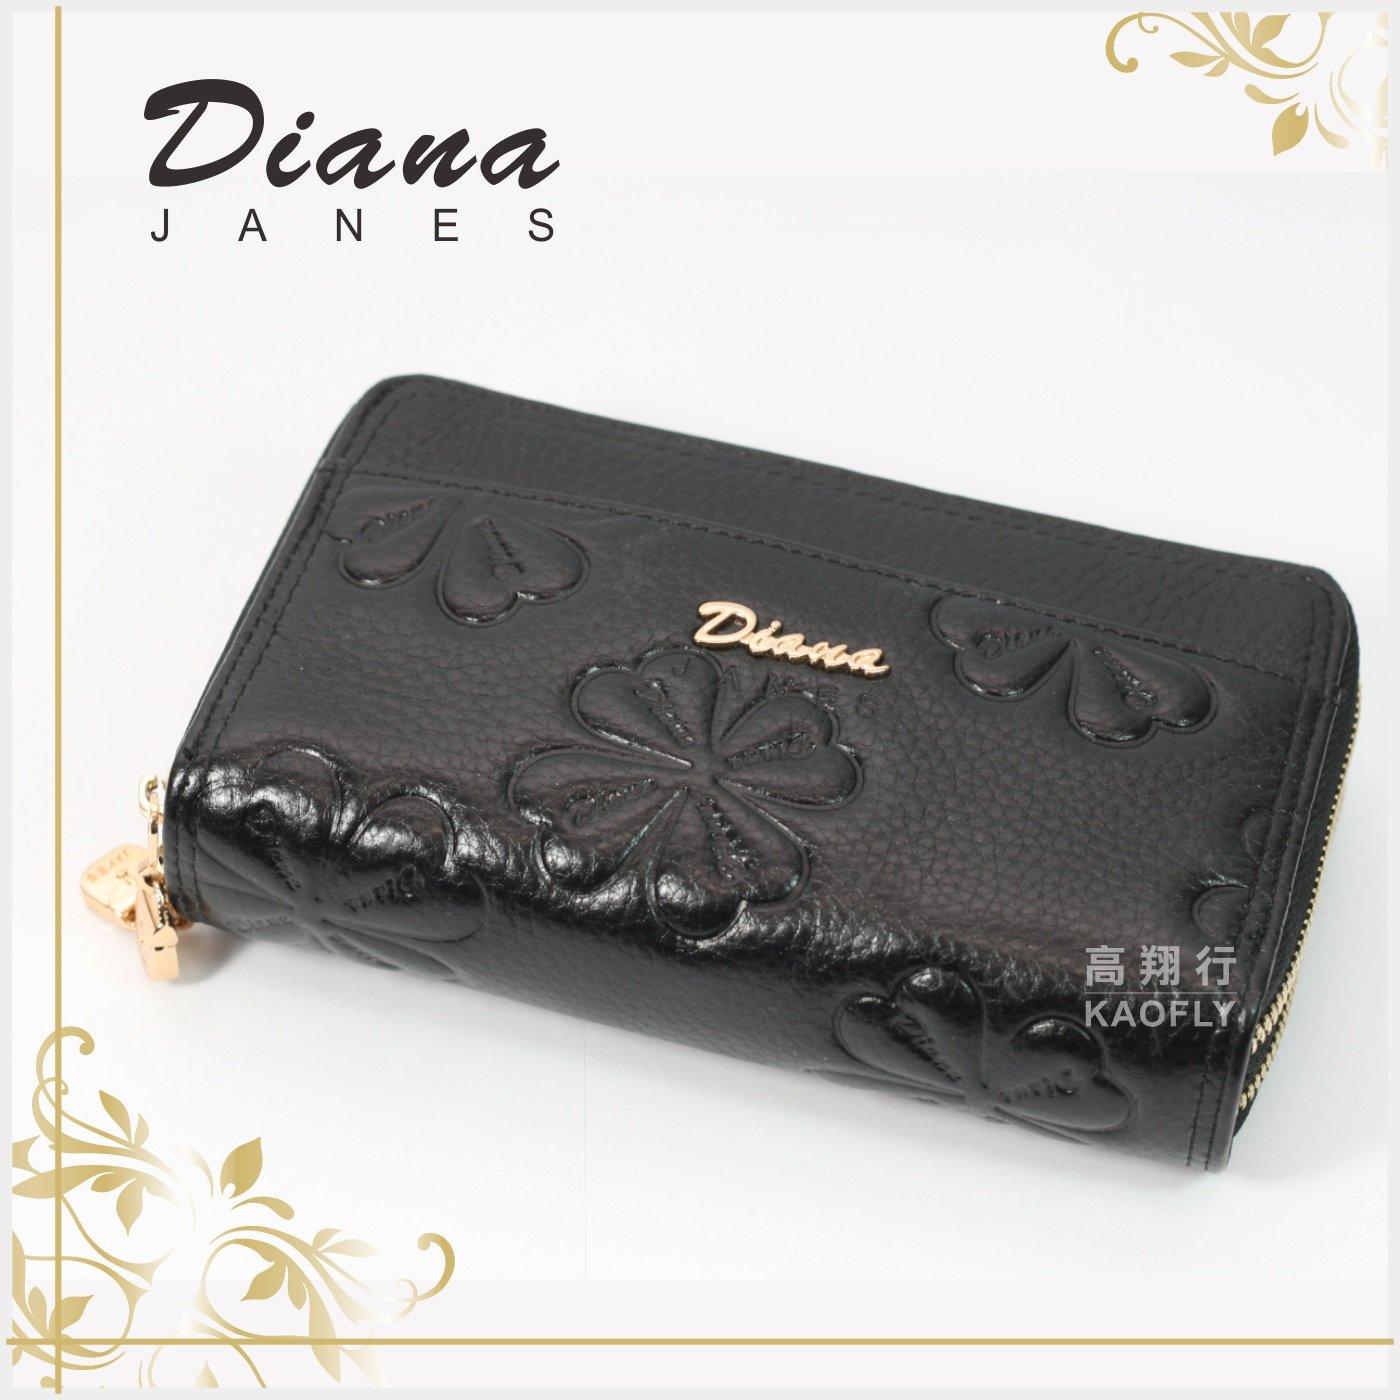 ~高首包包舖~【DIANA 黛安娜】【女用中夾】【雙拉鍊中夾】 皮夾 DJ275- 151 黑色